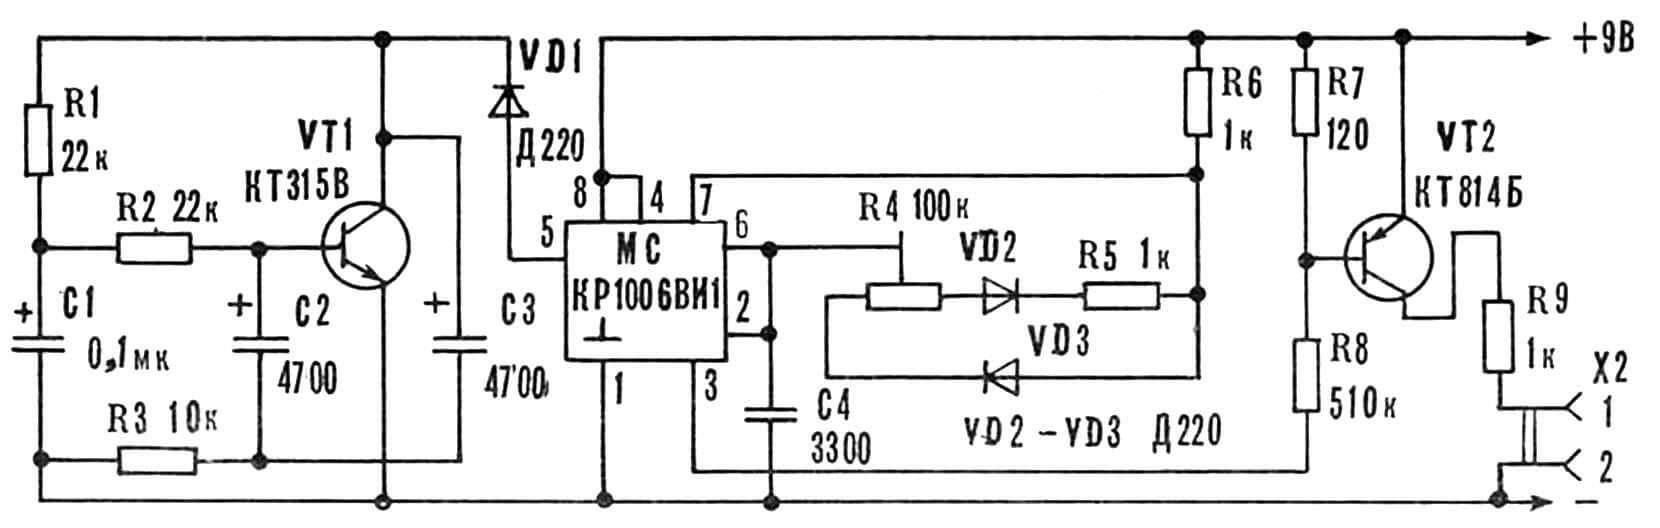 Принципиальная электрическая схема генератора сигнала (типа сирены).